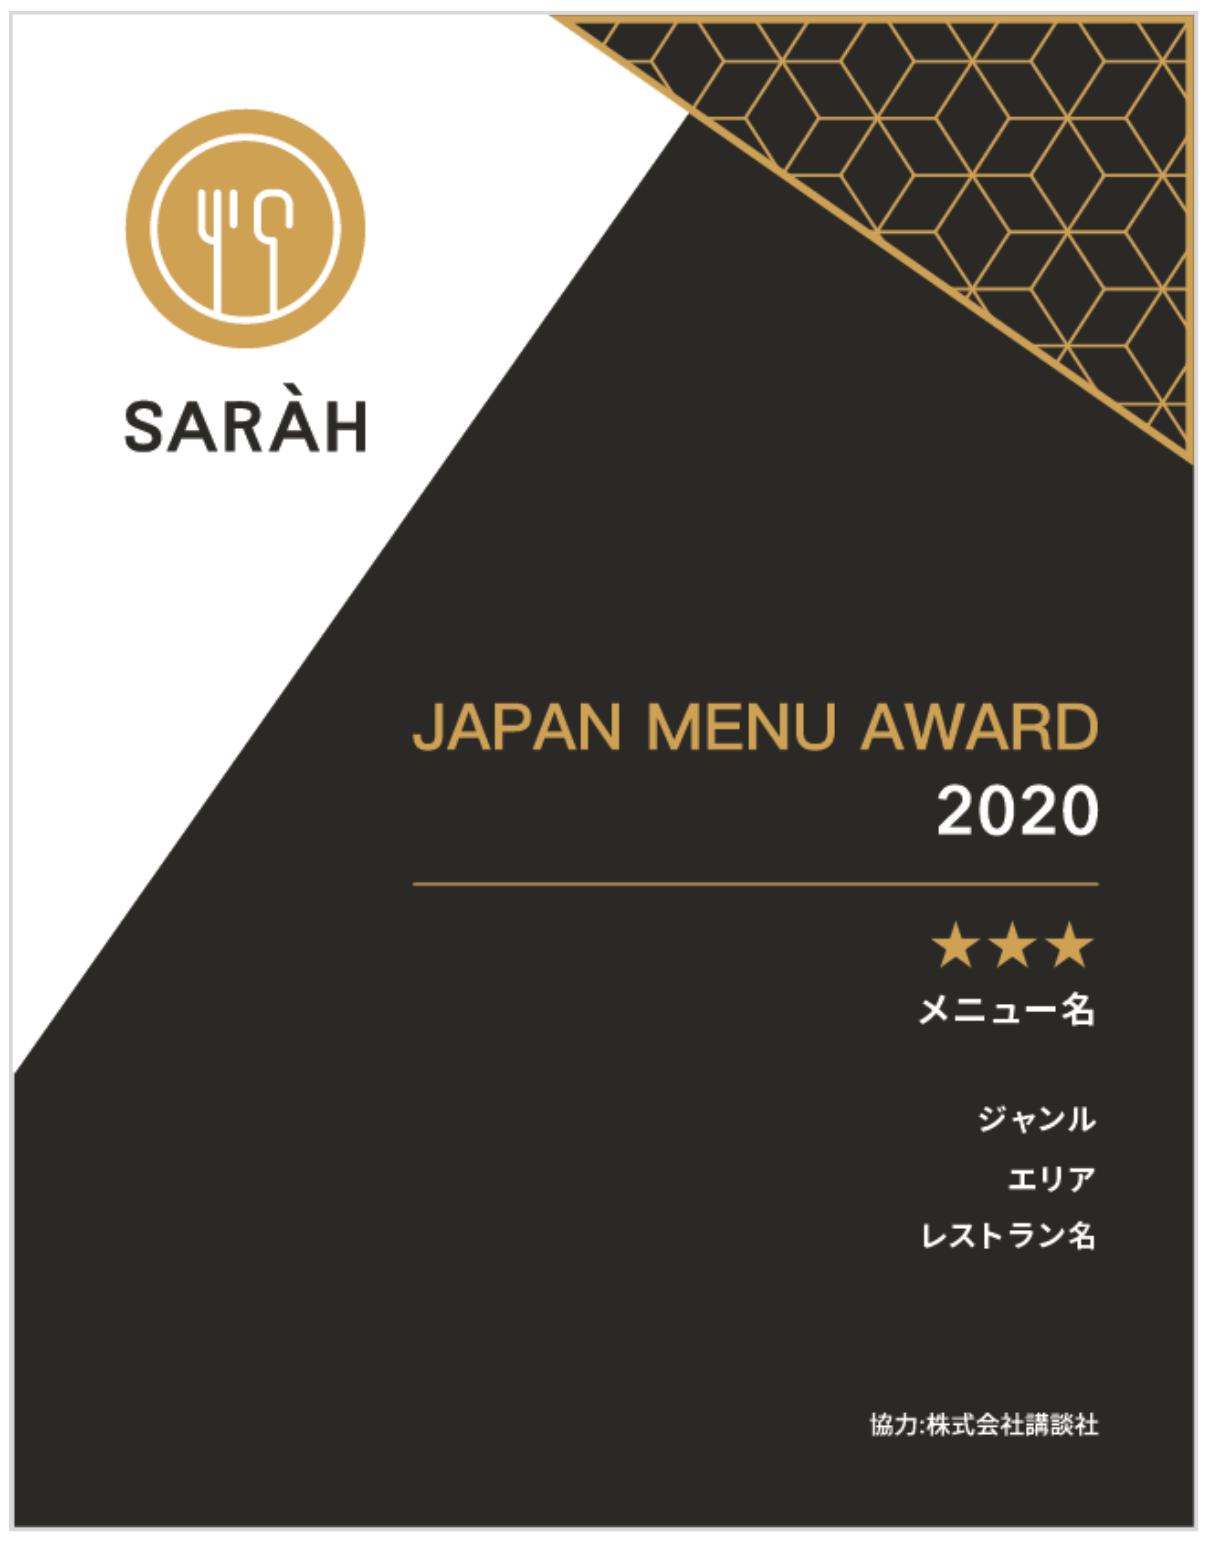 『SARAH JAPAN MENU AWARD 2020』の記念盾